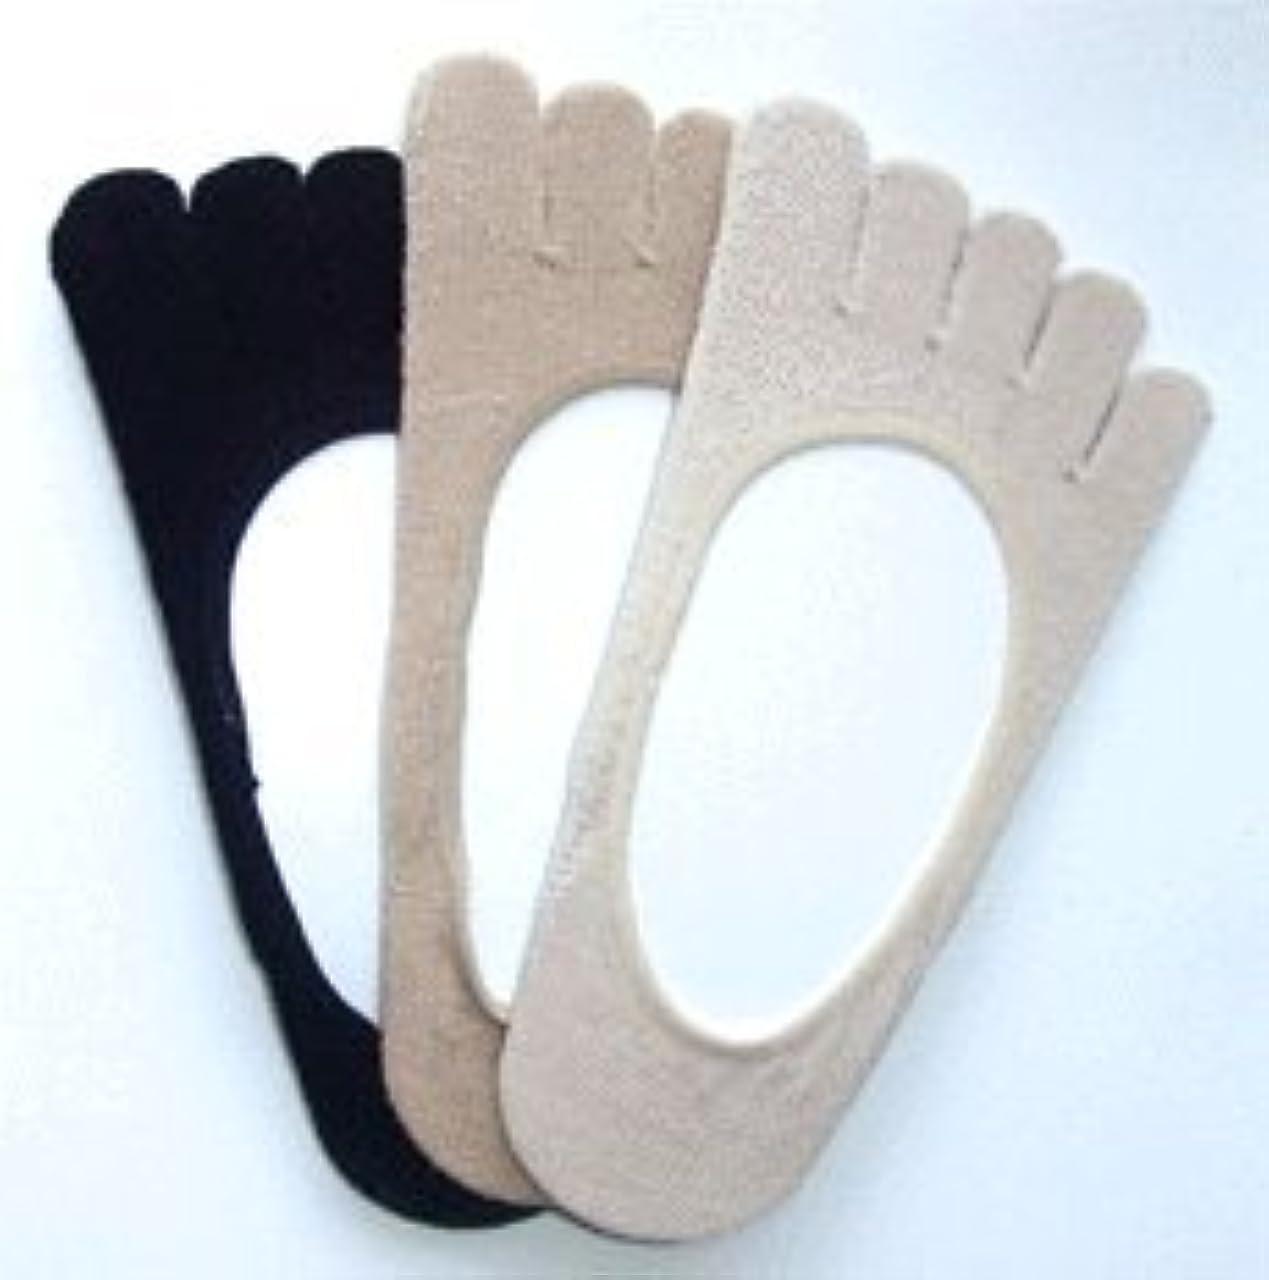 空とても多くの関連付ける日本製 シルク五本指 フットカバー パンプスインソックス 3足組(ベージュ系2足、黒色1足)